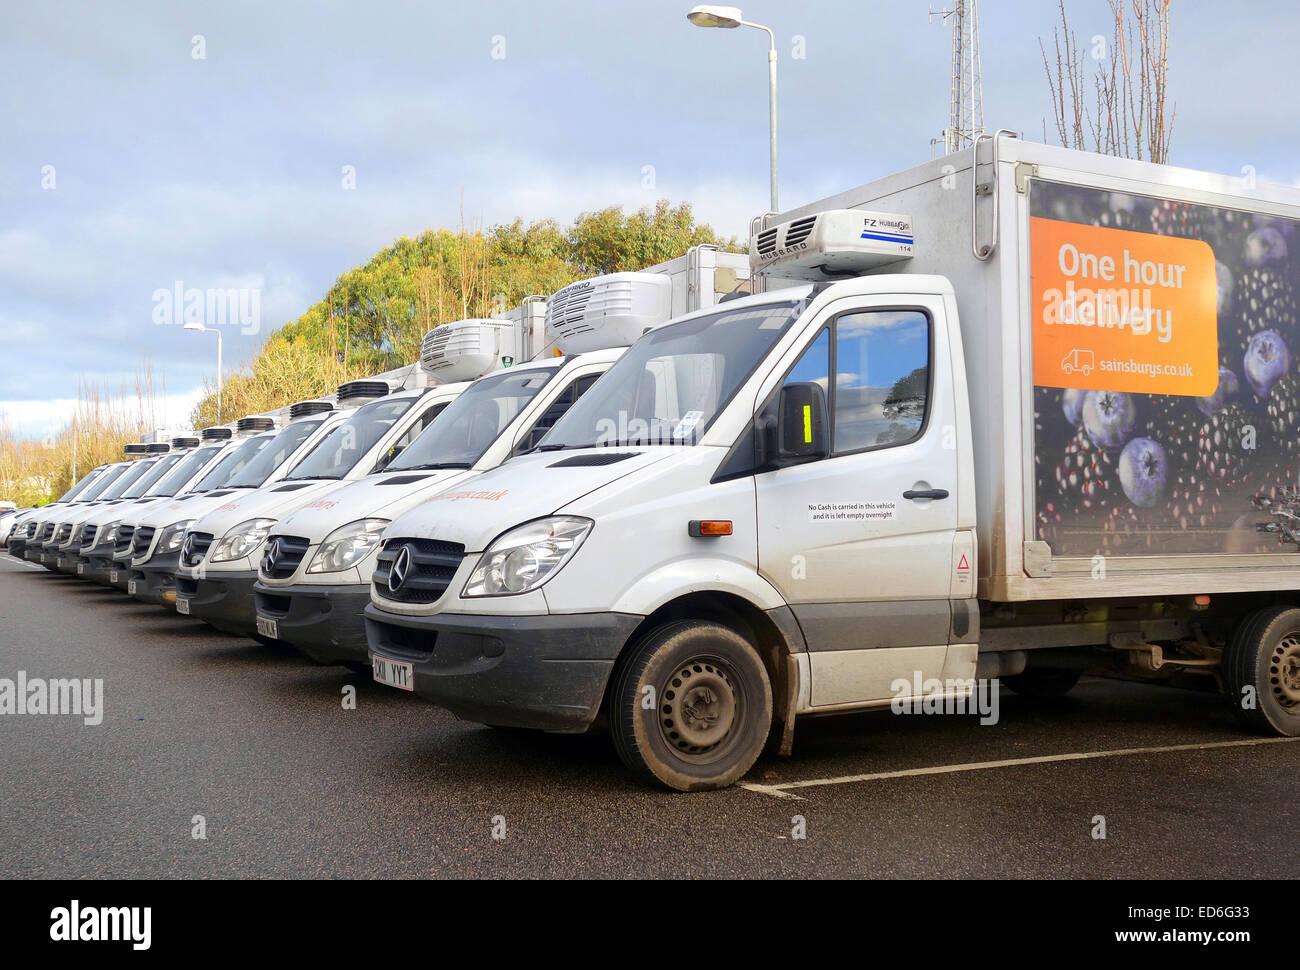 Sainbury delivery vans - Stock Image